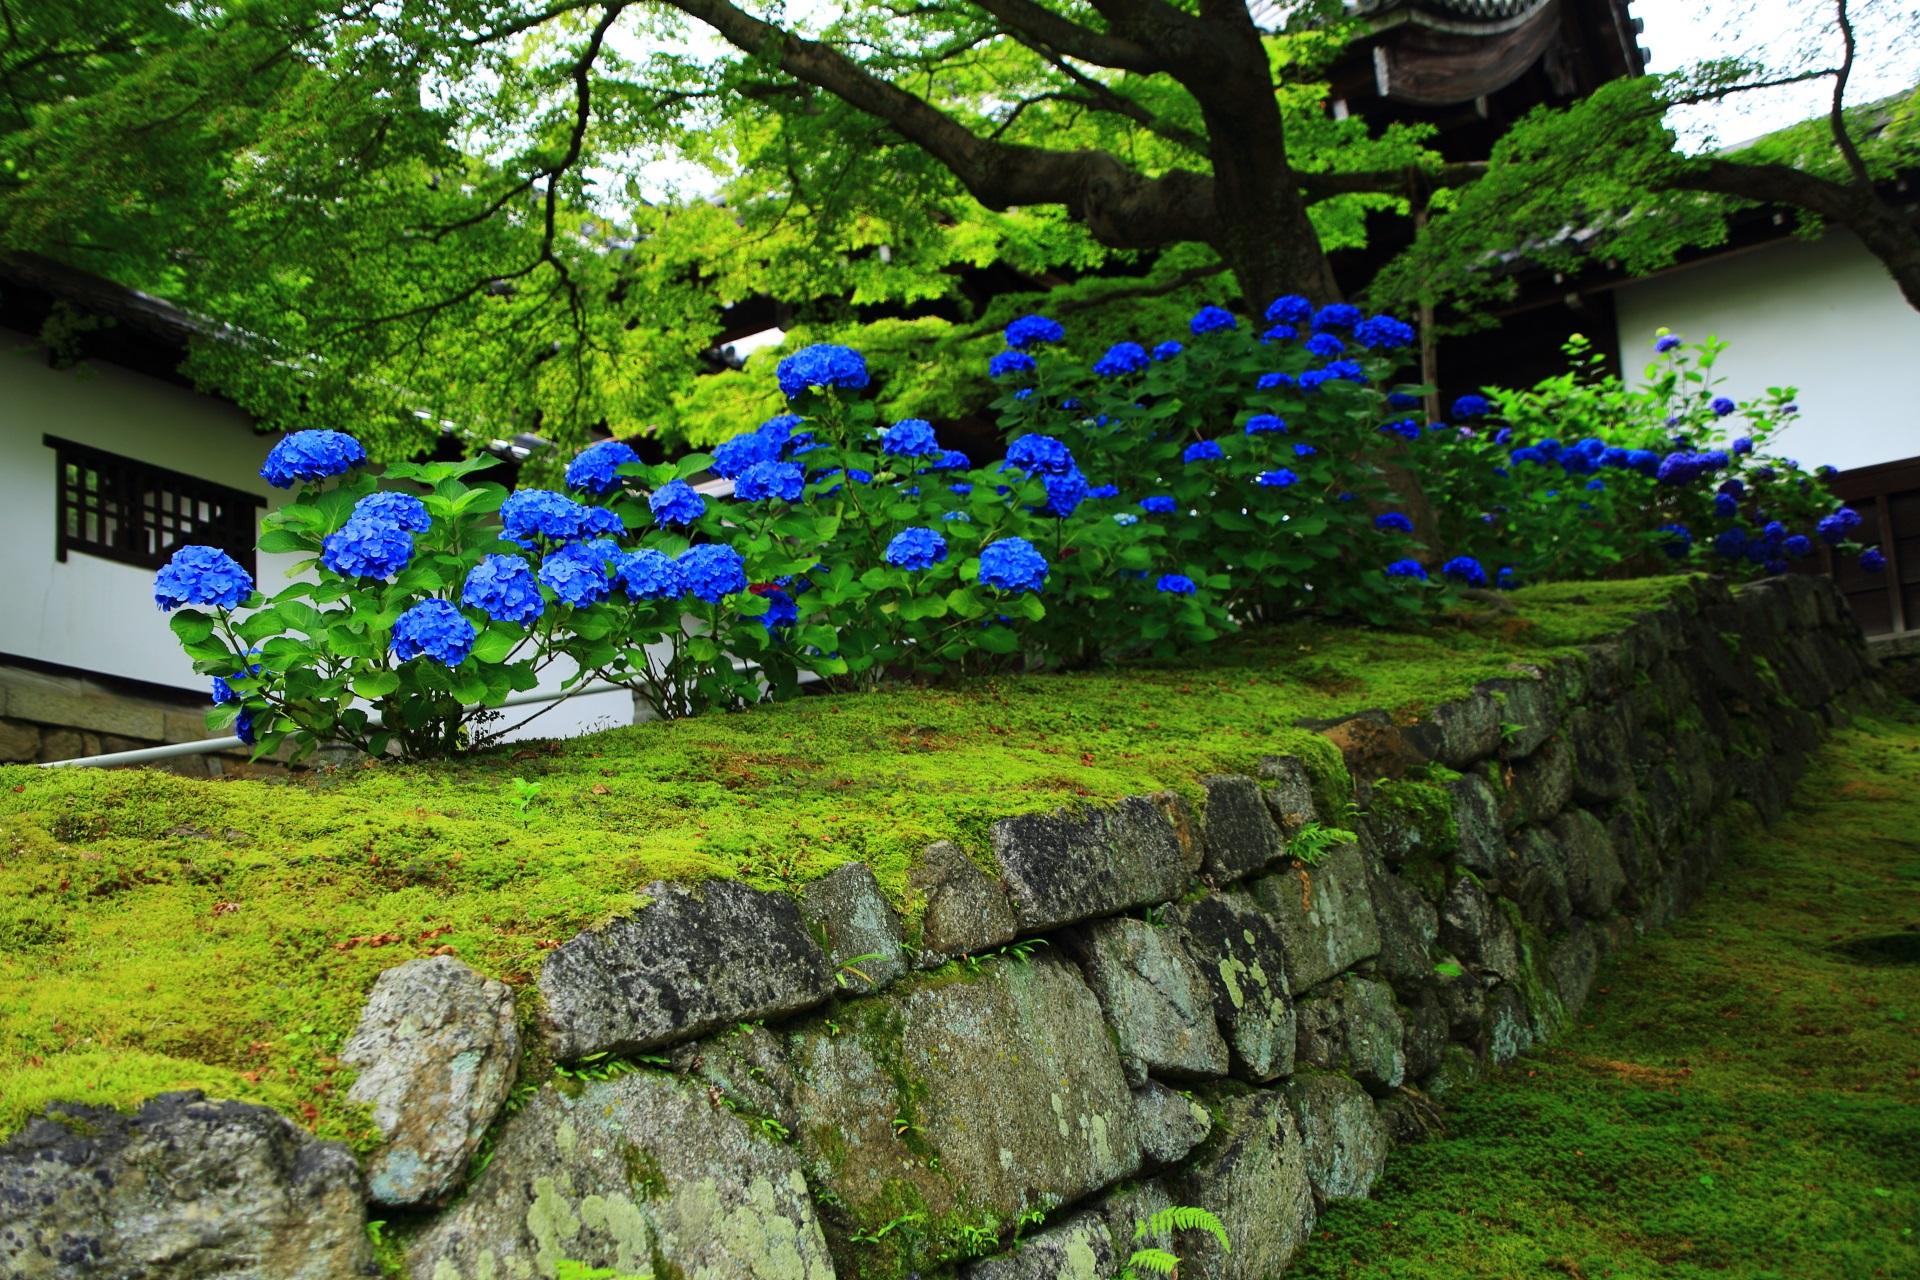 石垣と苔の上に咲く鮮やかな紫陽花